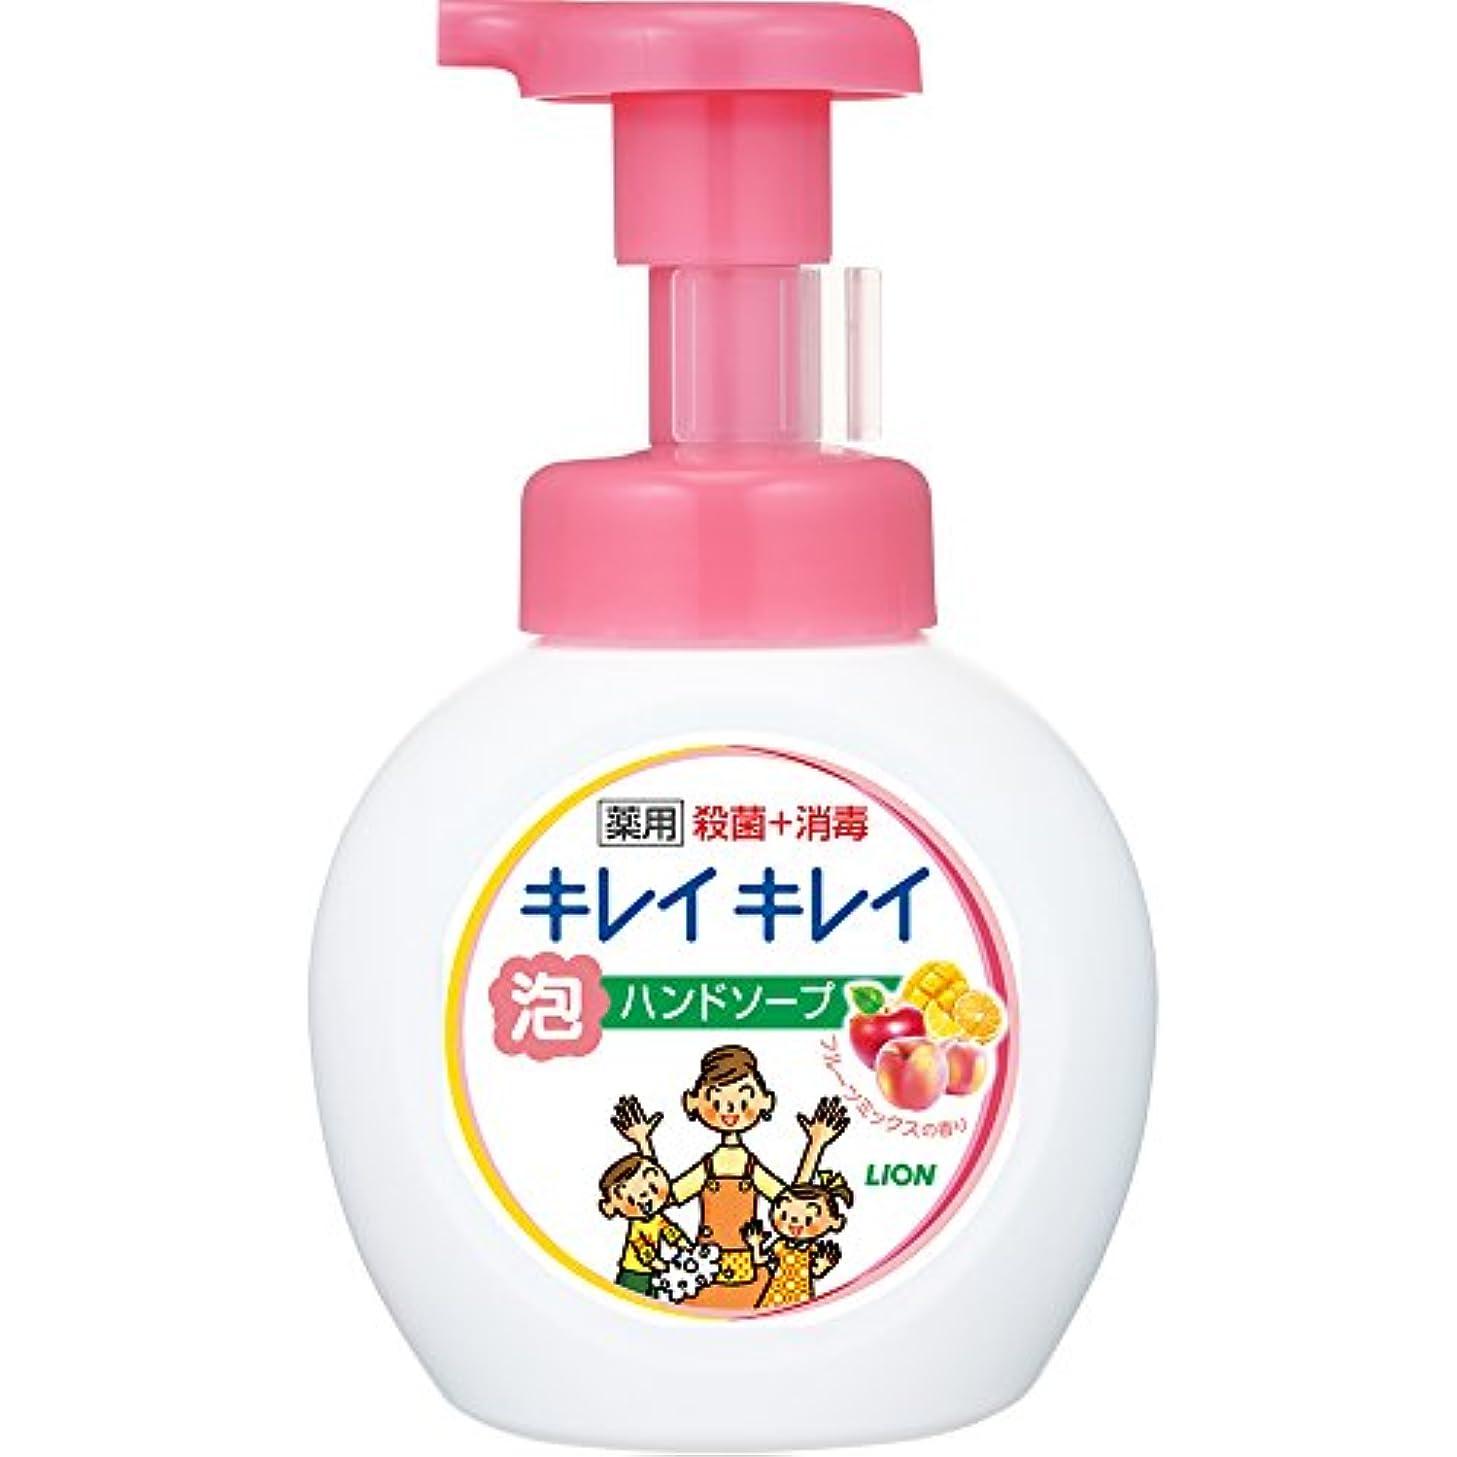 腫瘍傑出したセミナーキレイキレイ 薬用 泡ハンドソープ フルーツミックスの香り ポンプ 250ml(医薬部外品)